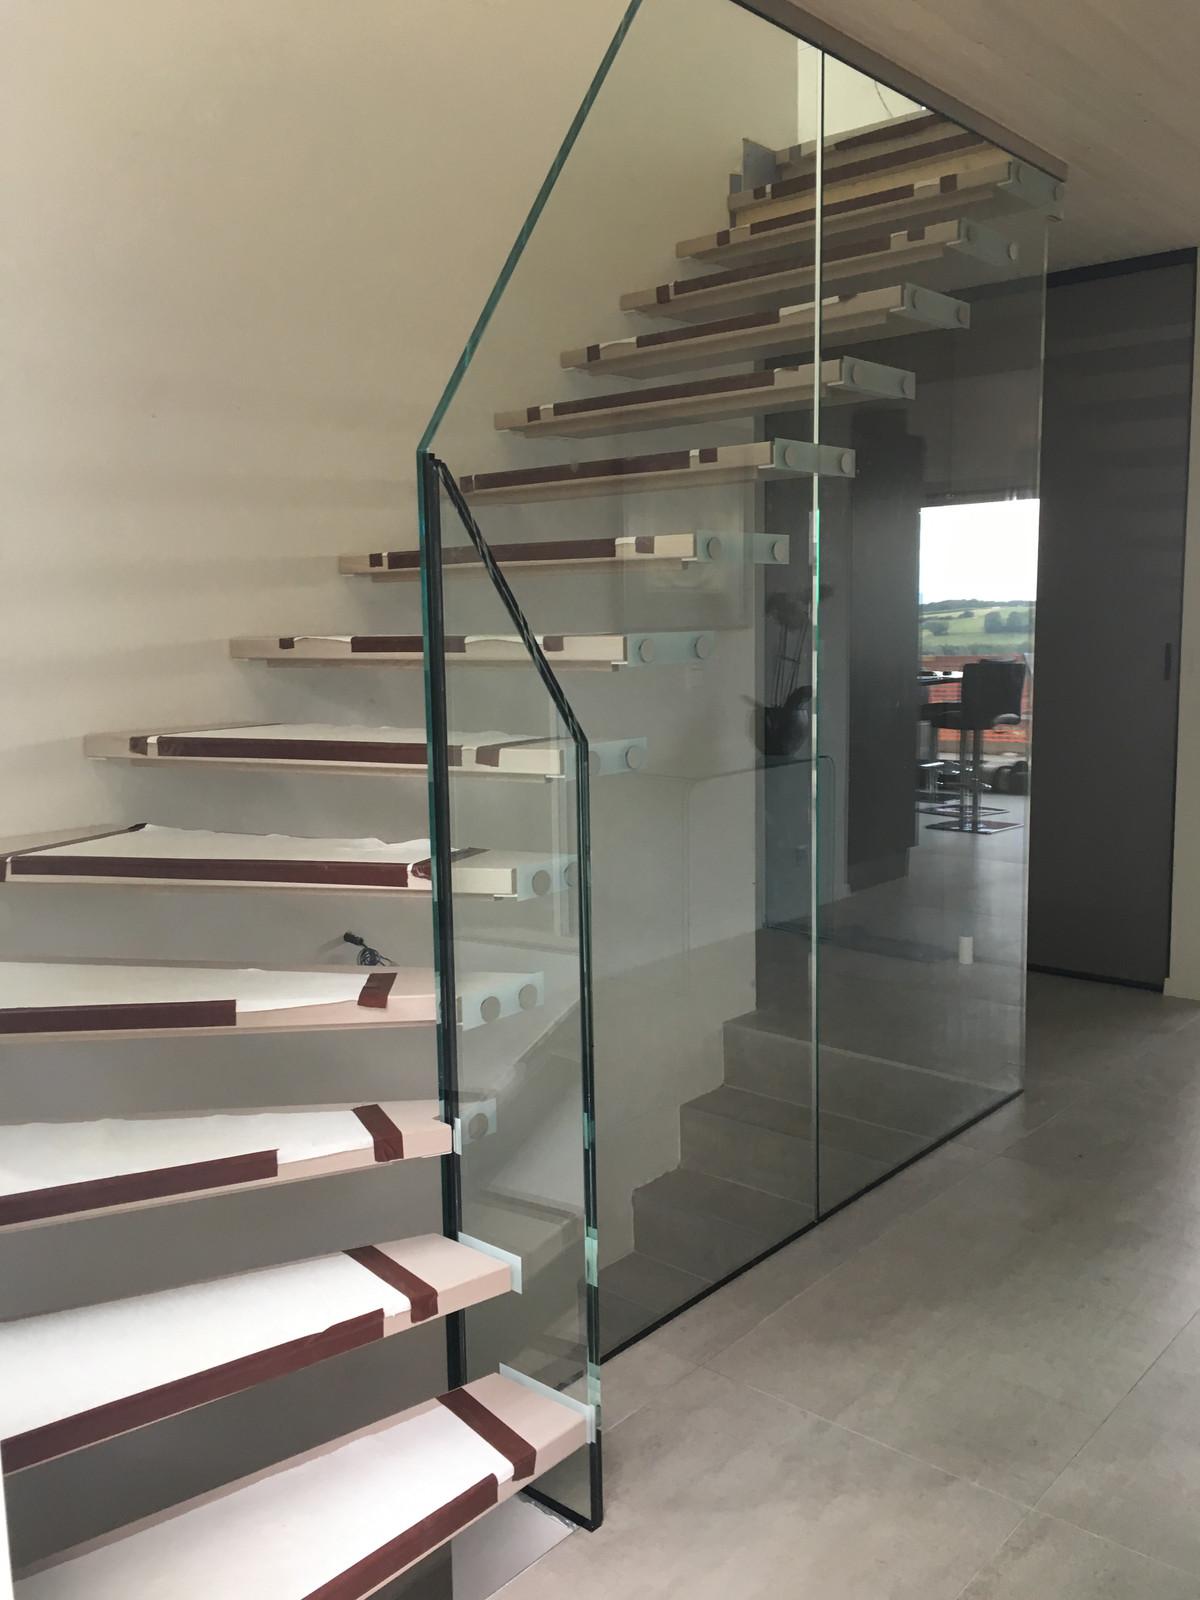 Escalier Dans Un Salon escalier en verre design - kumpalo.parkersydnorhistoric